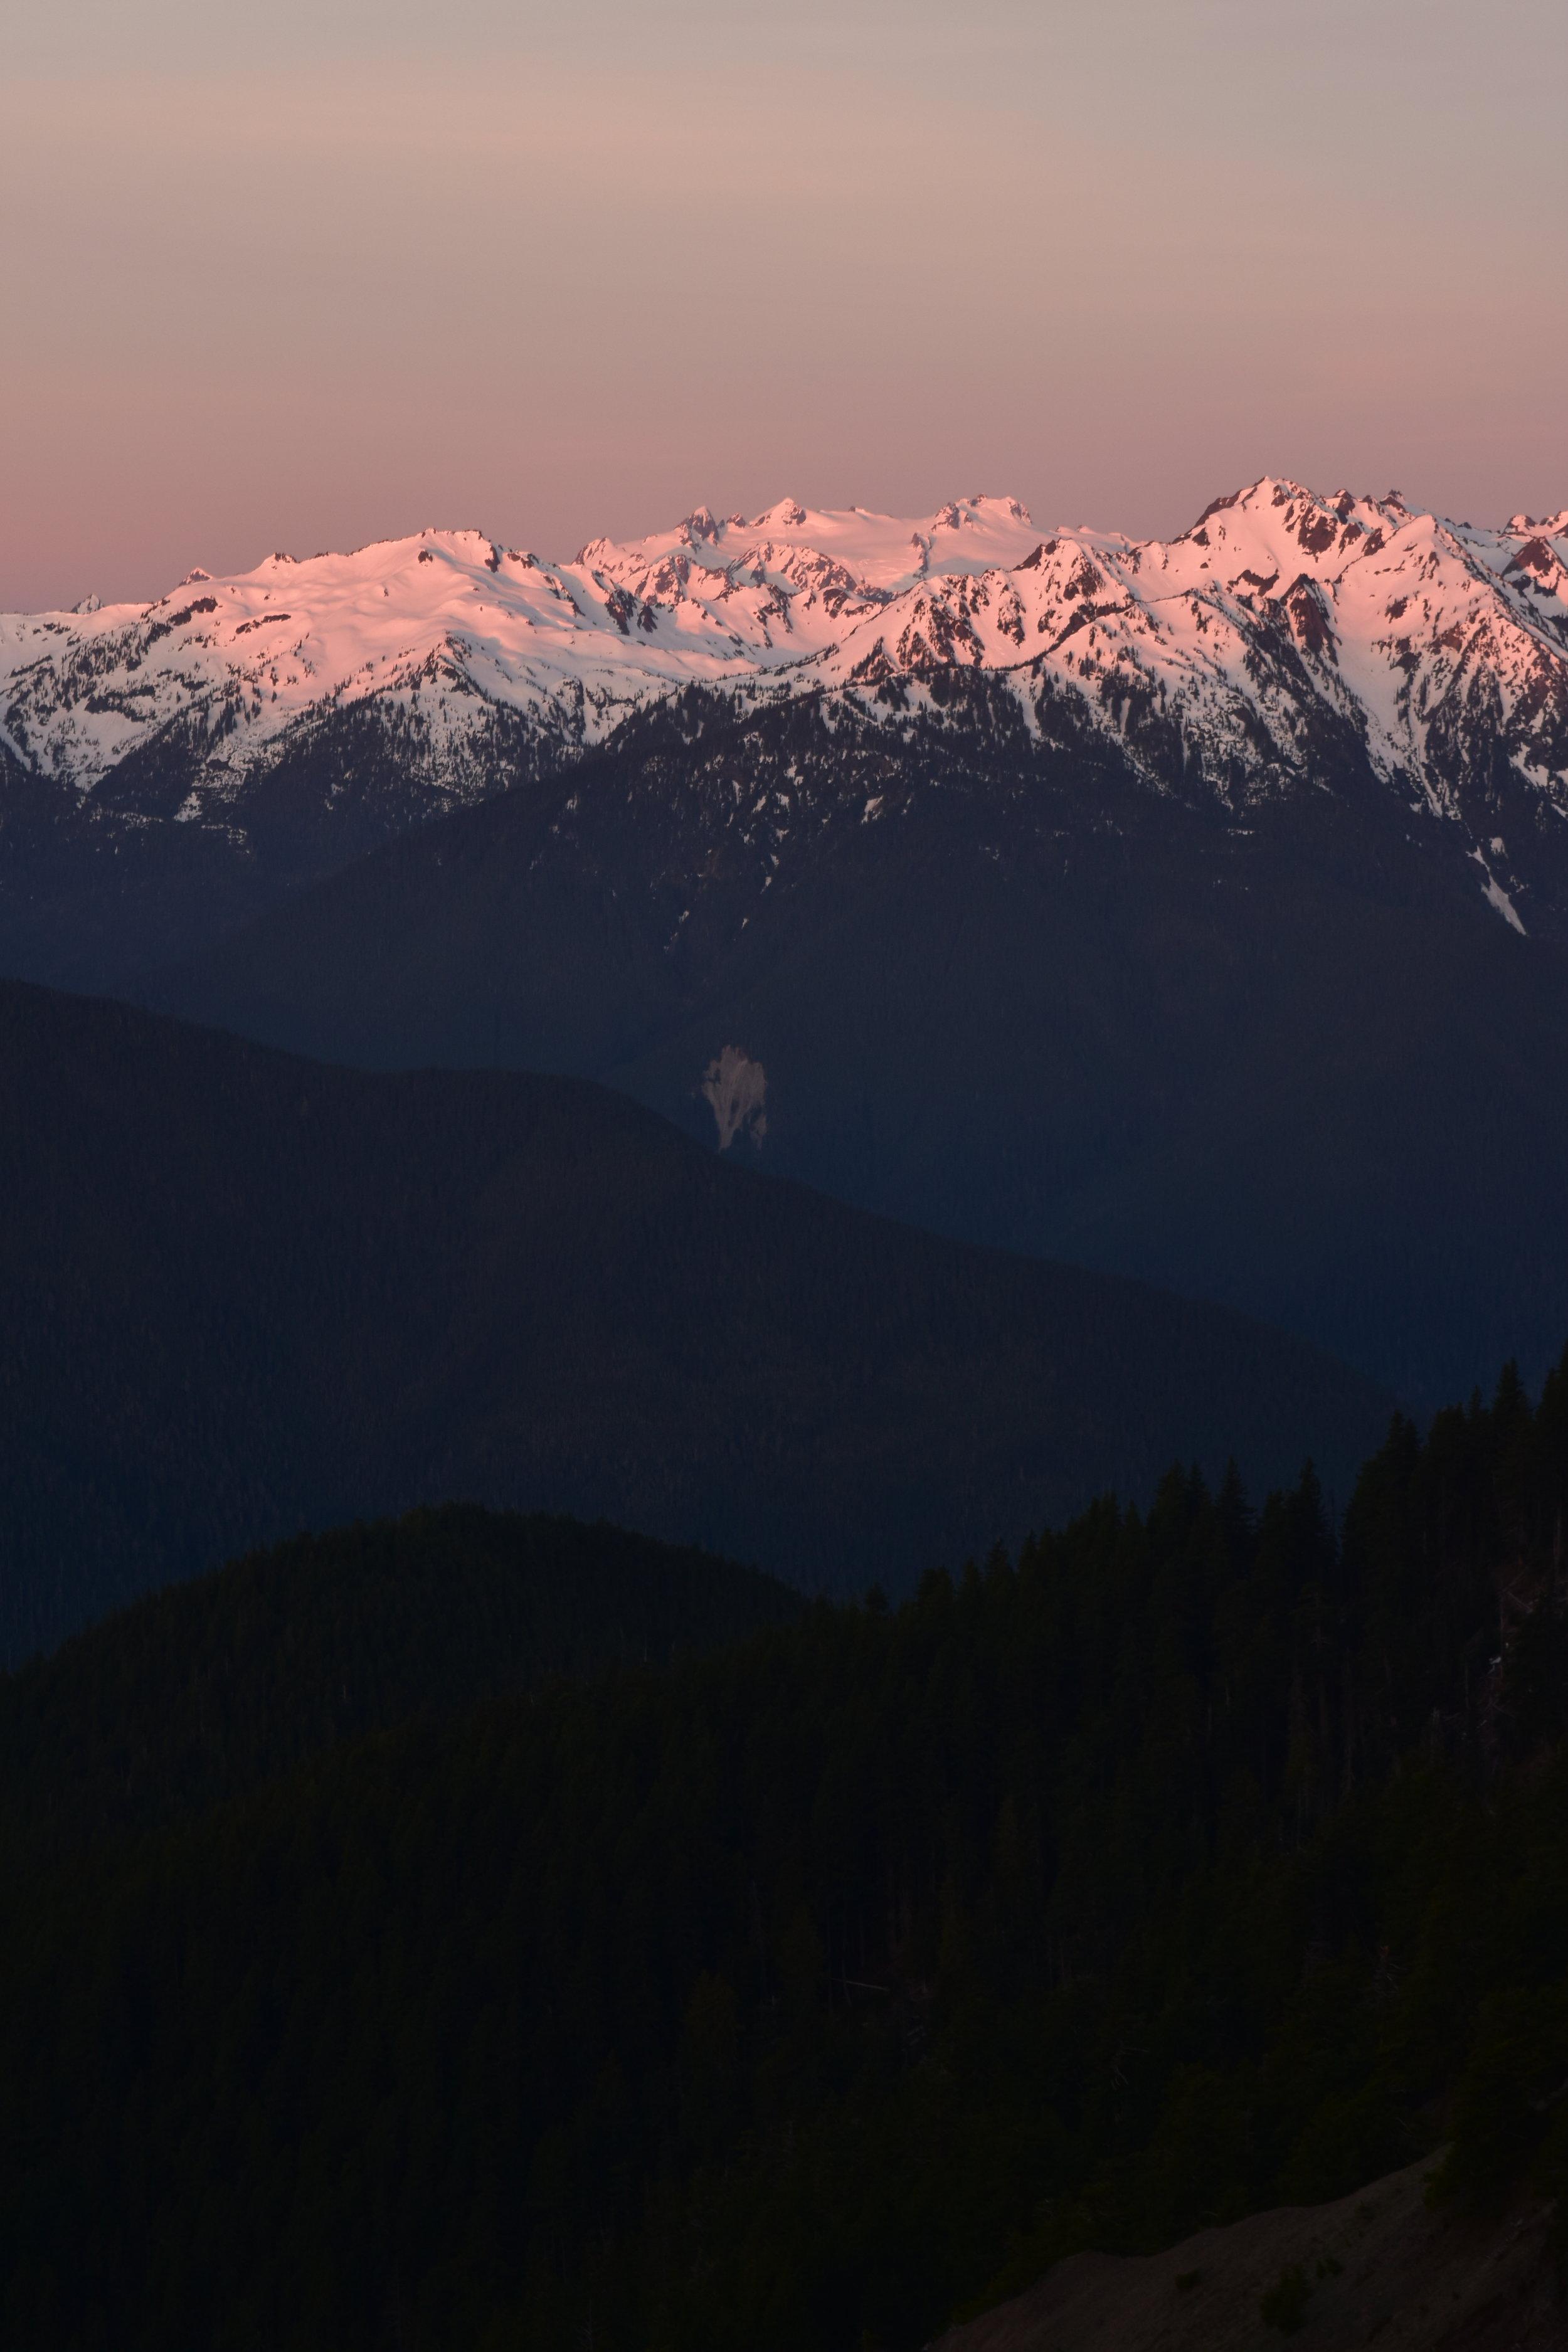 Mt Olympus etc. at sunrise